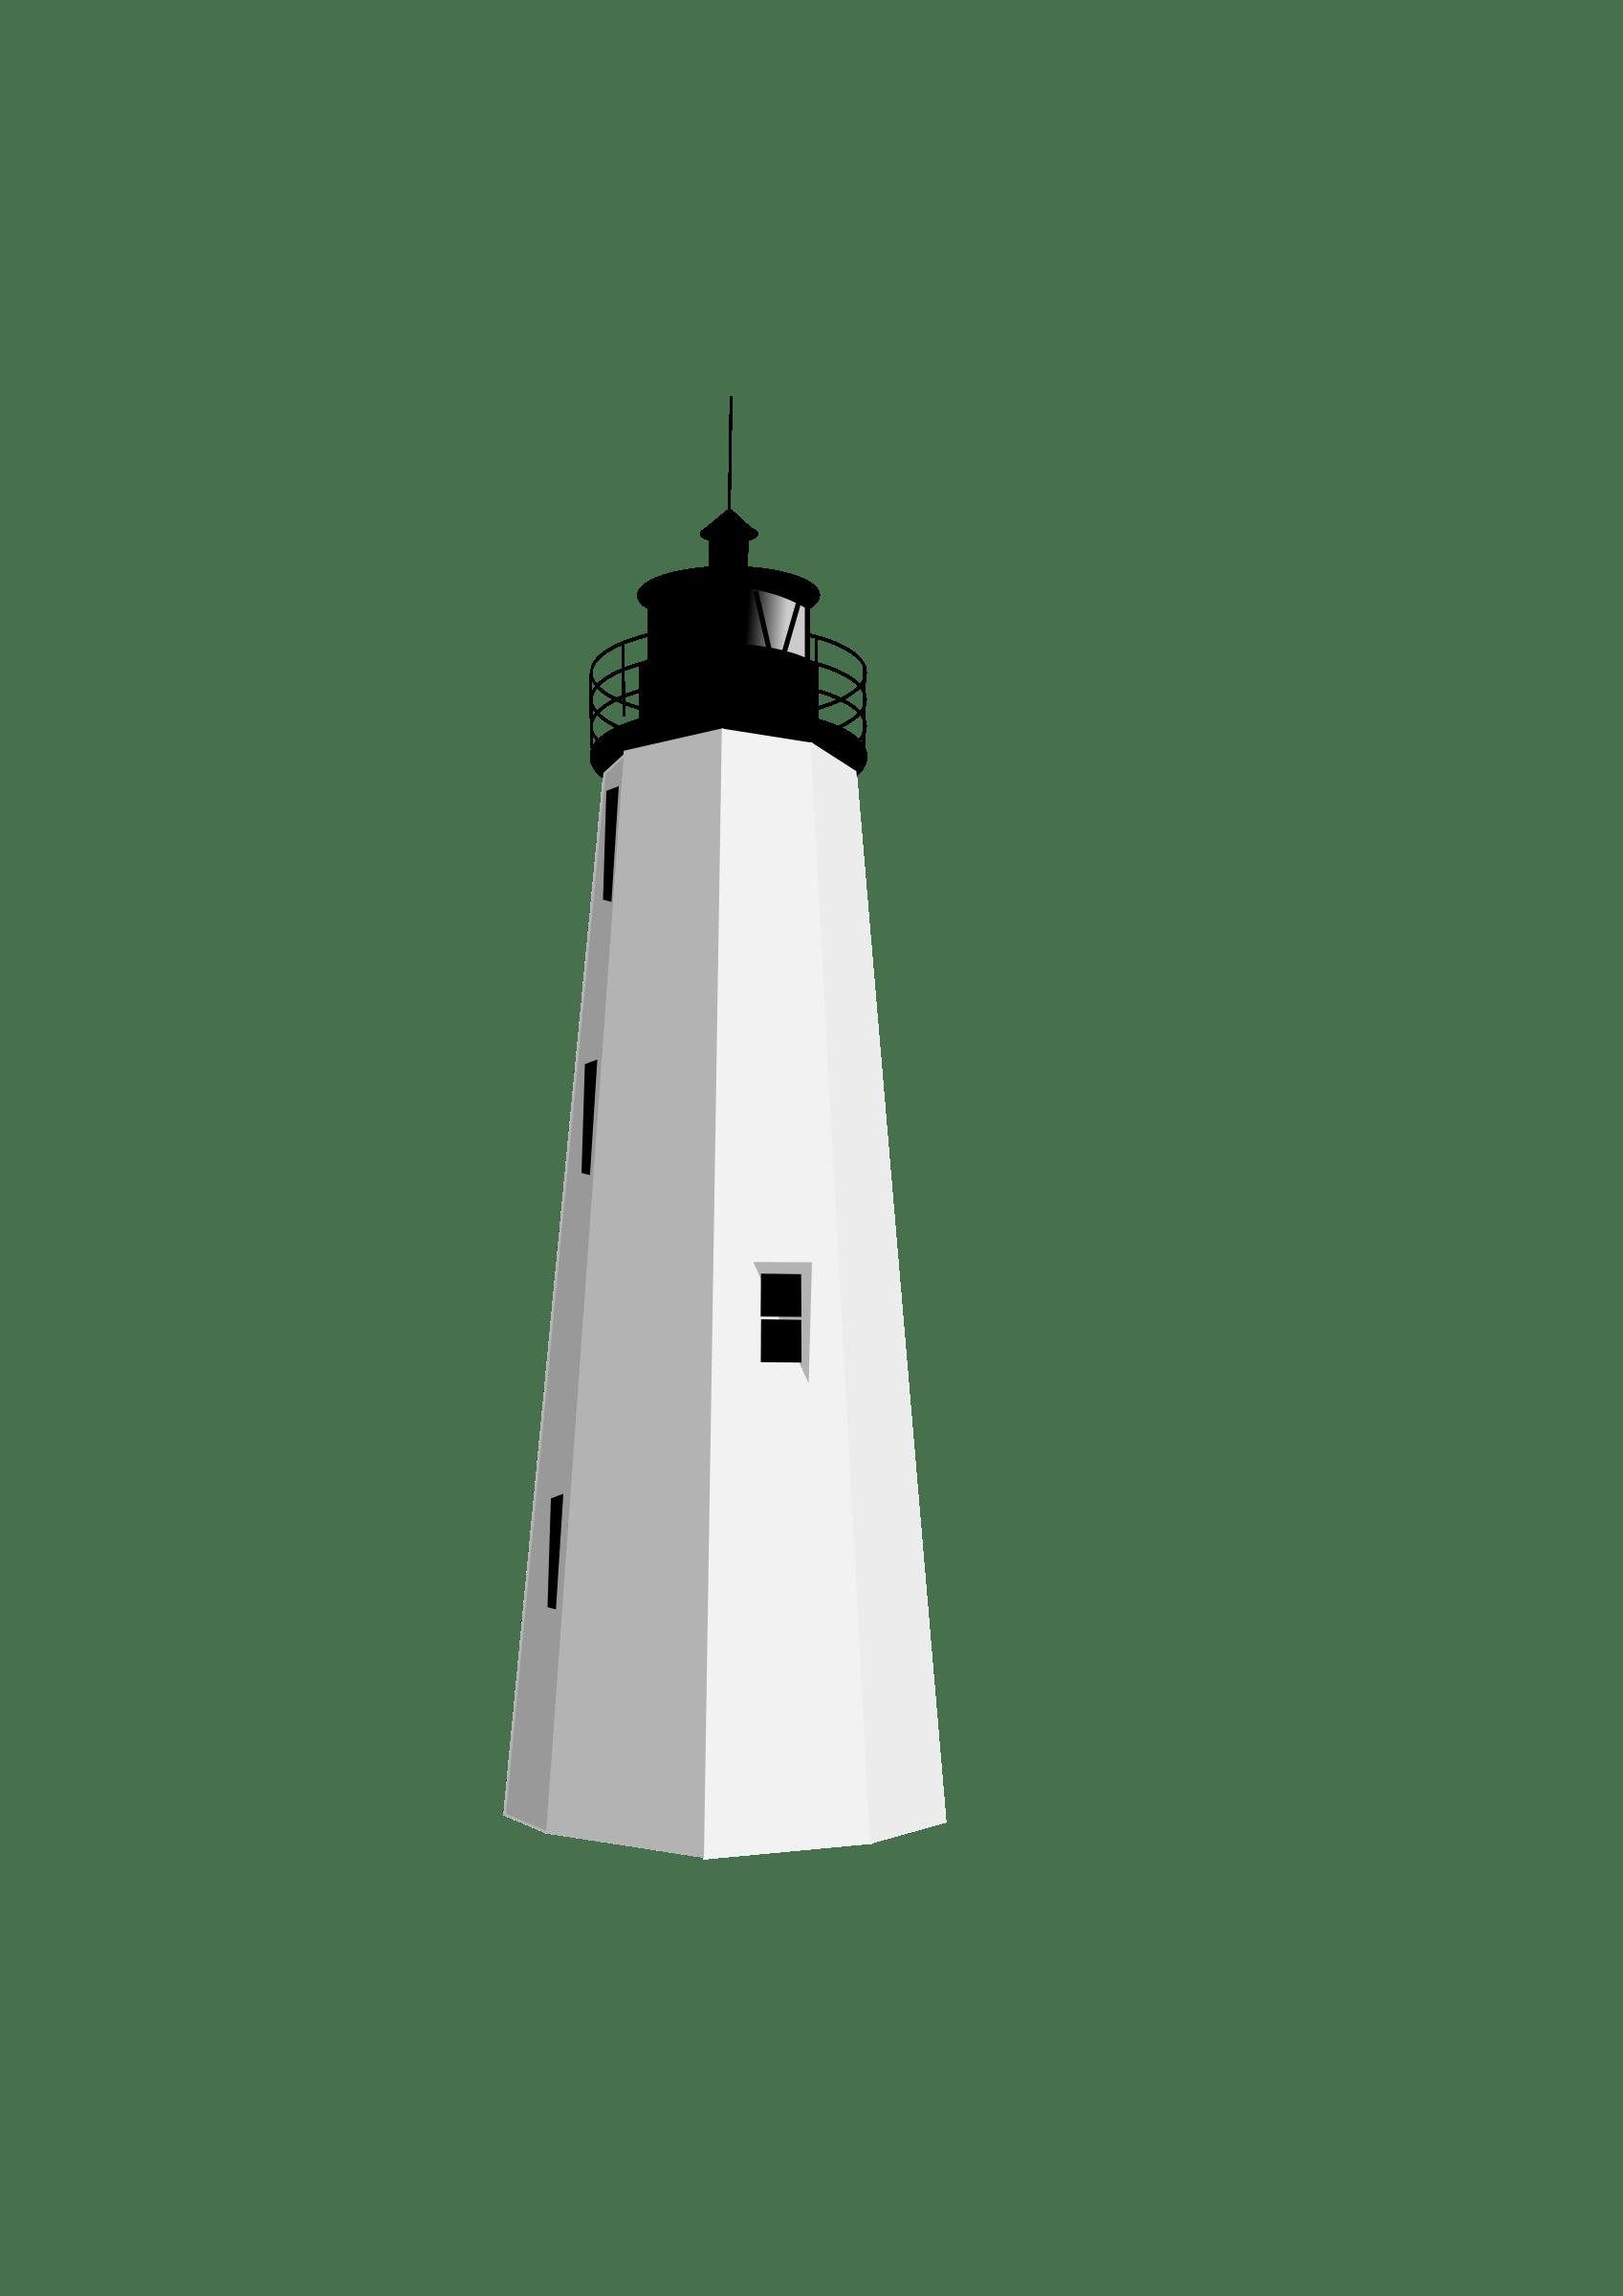 Black White Lighthouse Clipart